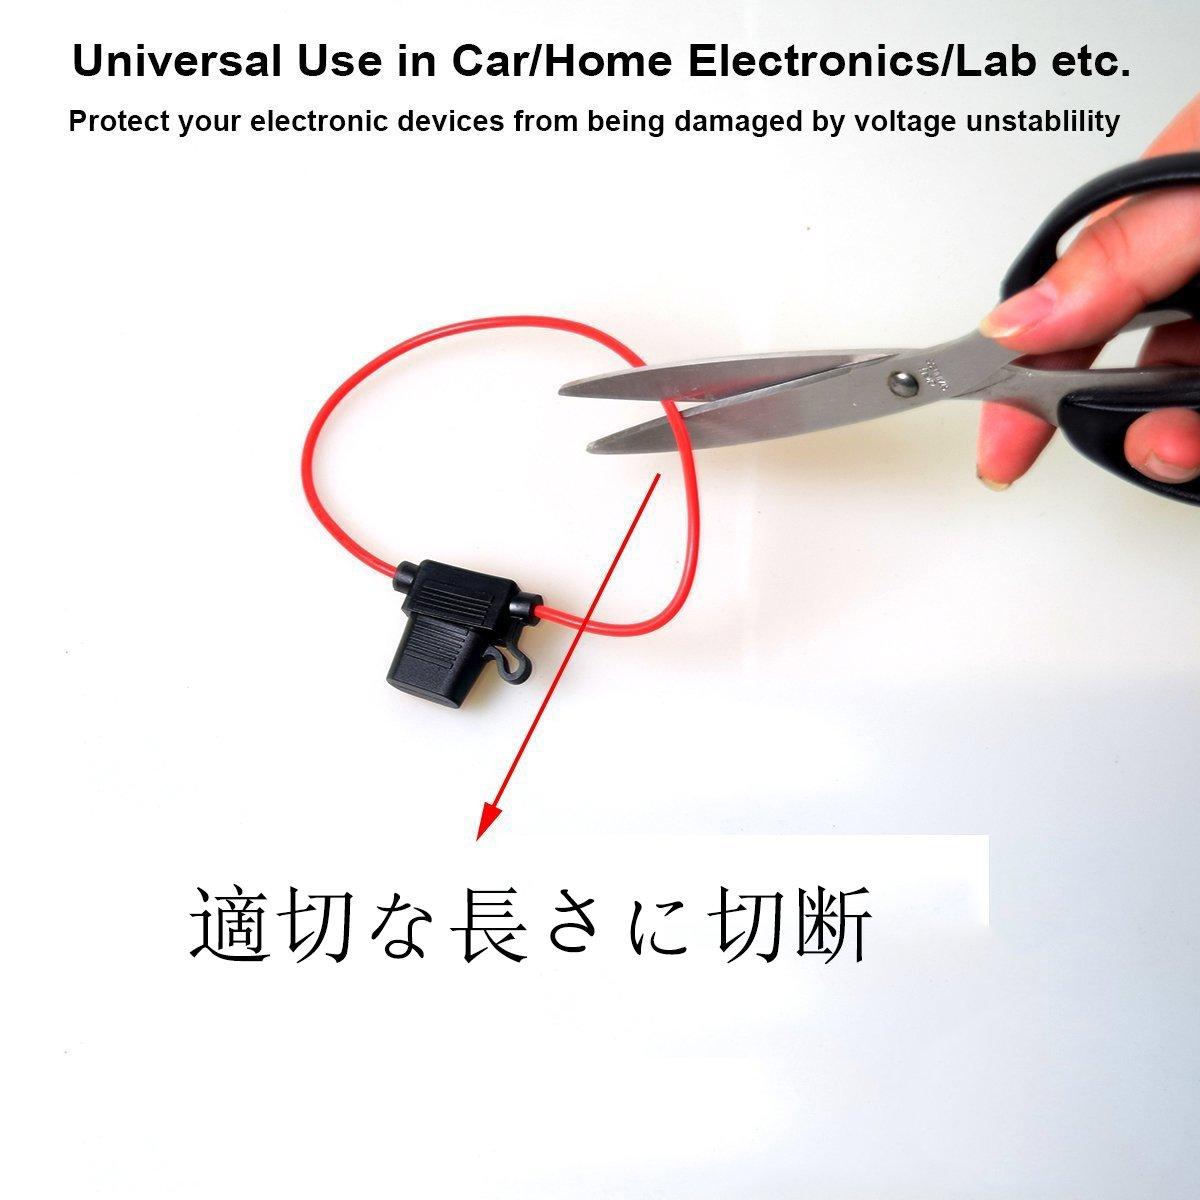 Circuito Blow-out//Protezione sovraccarico 16AWG DC Impermeabile Portafusibili Cocar ATC//ATO Piccola Dimensione Portafusibile Lamellare Cavo In-line per Auto Electronics Modifica Lab solare Sistema